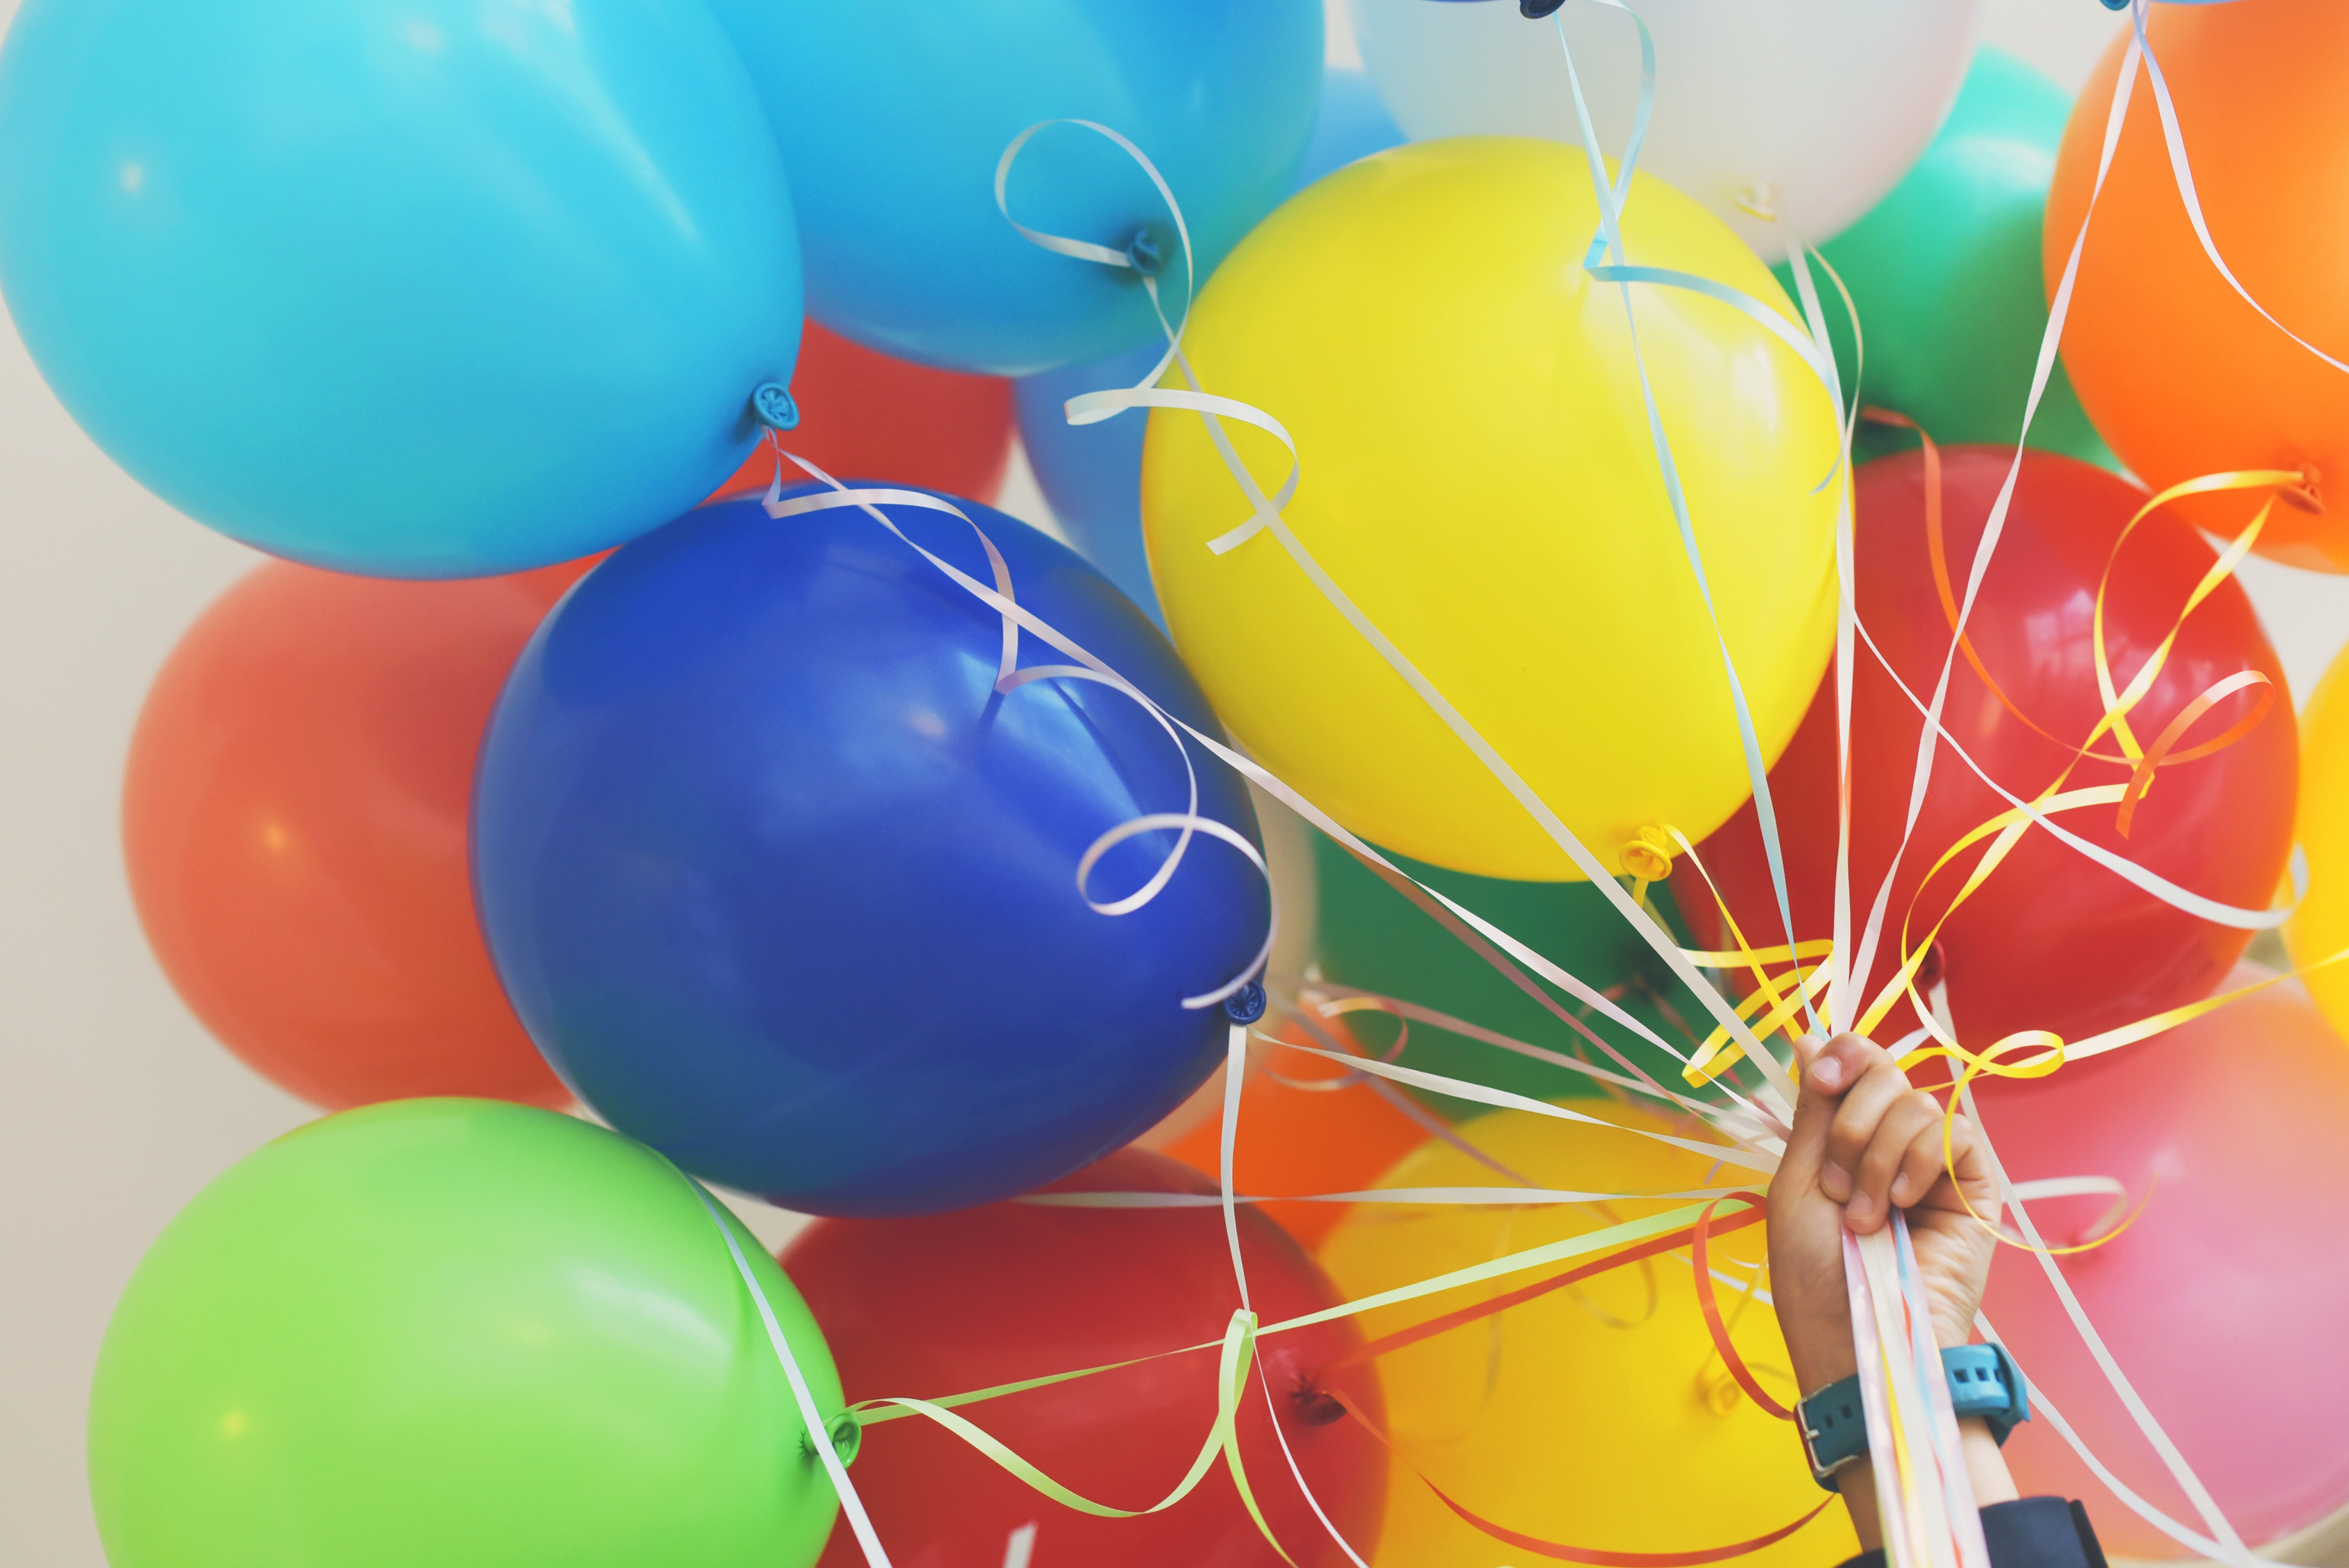 как правильно хранить воздушные шары